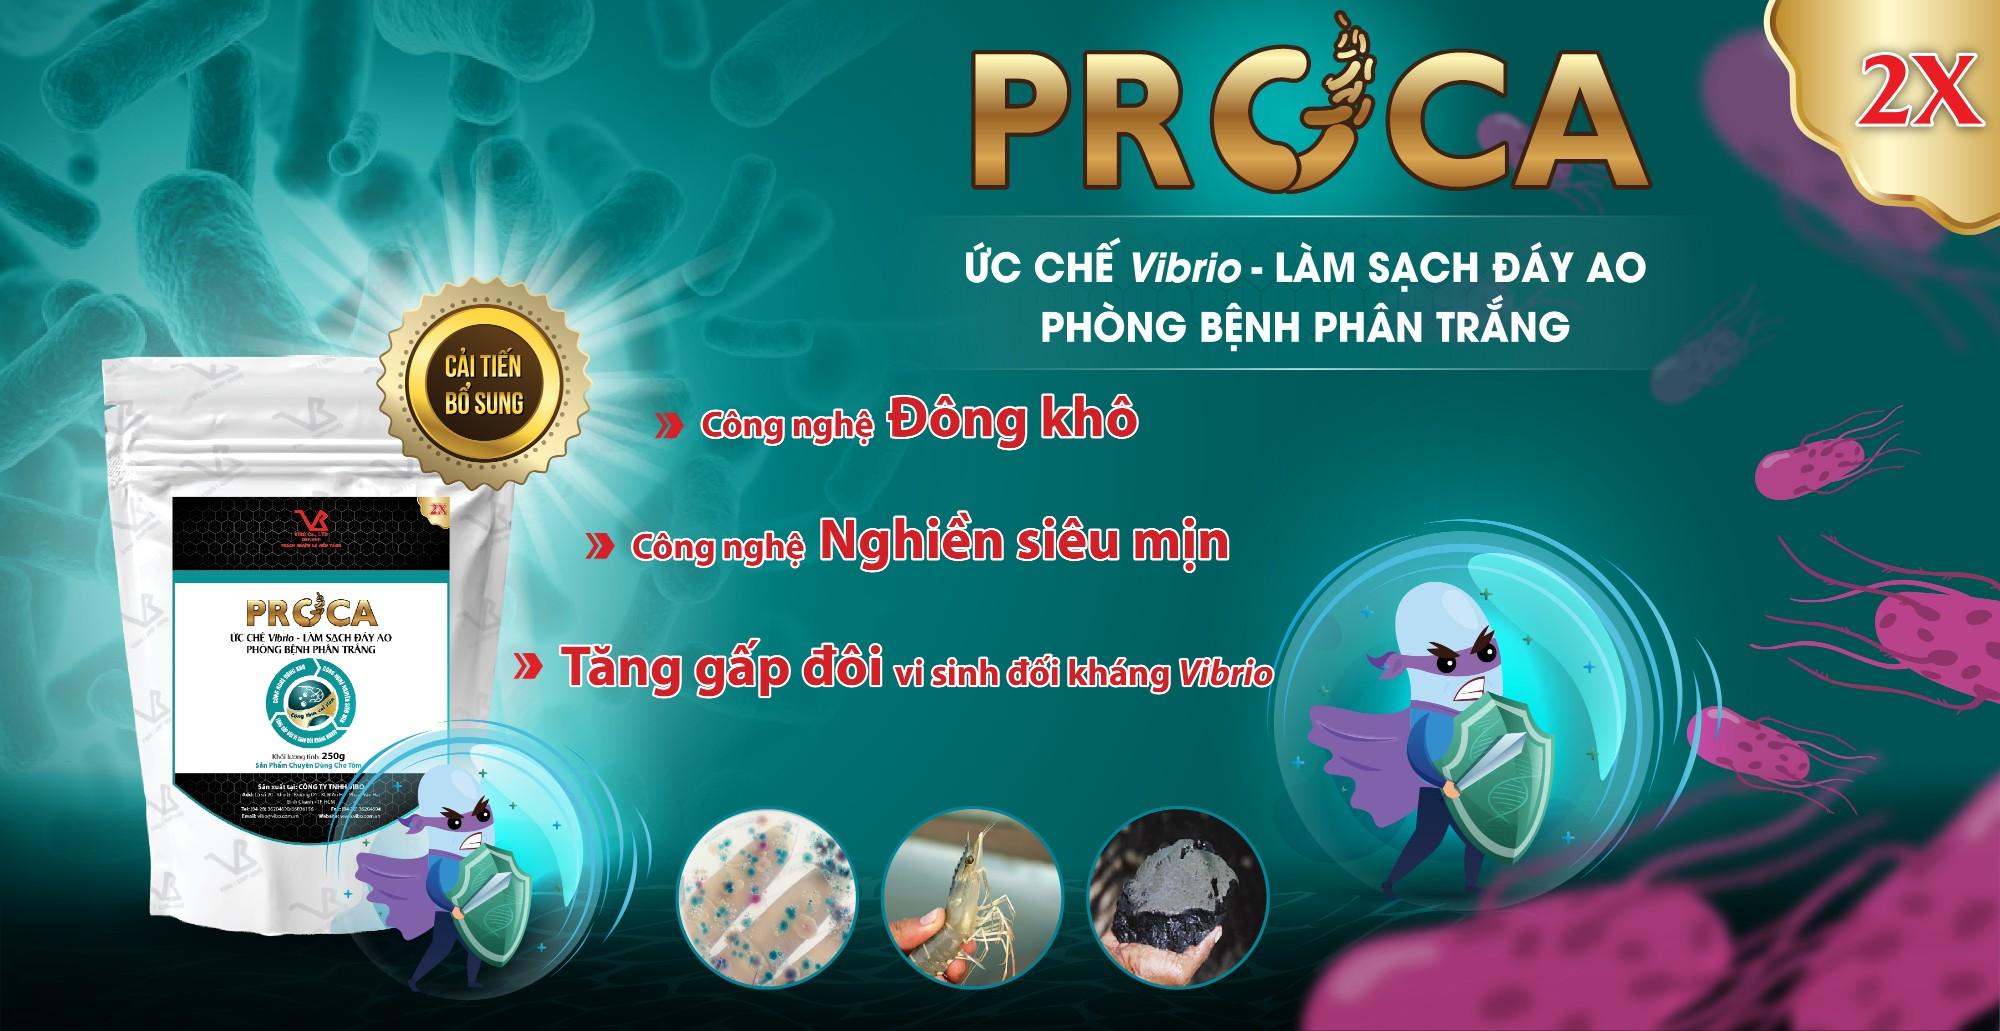 PROCA 2X